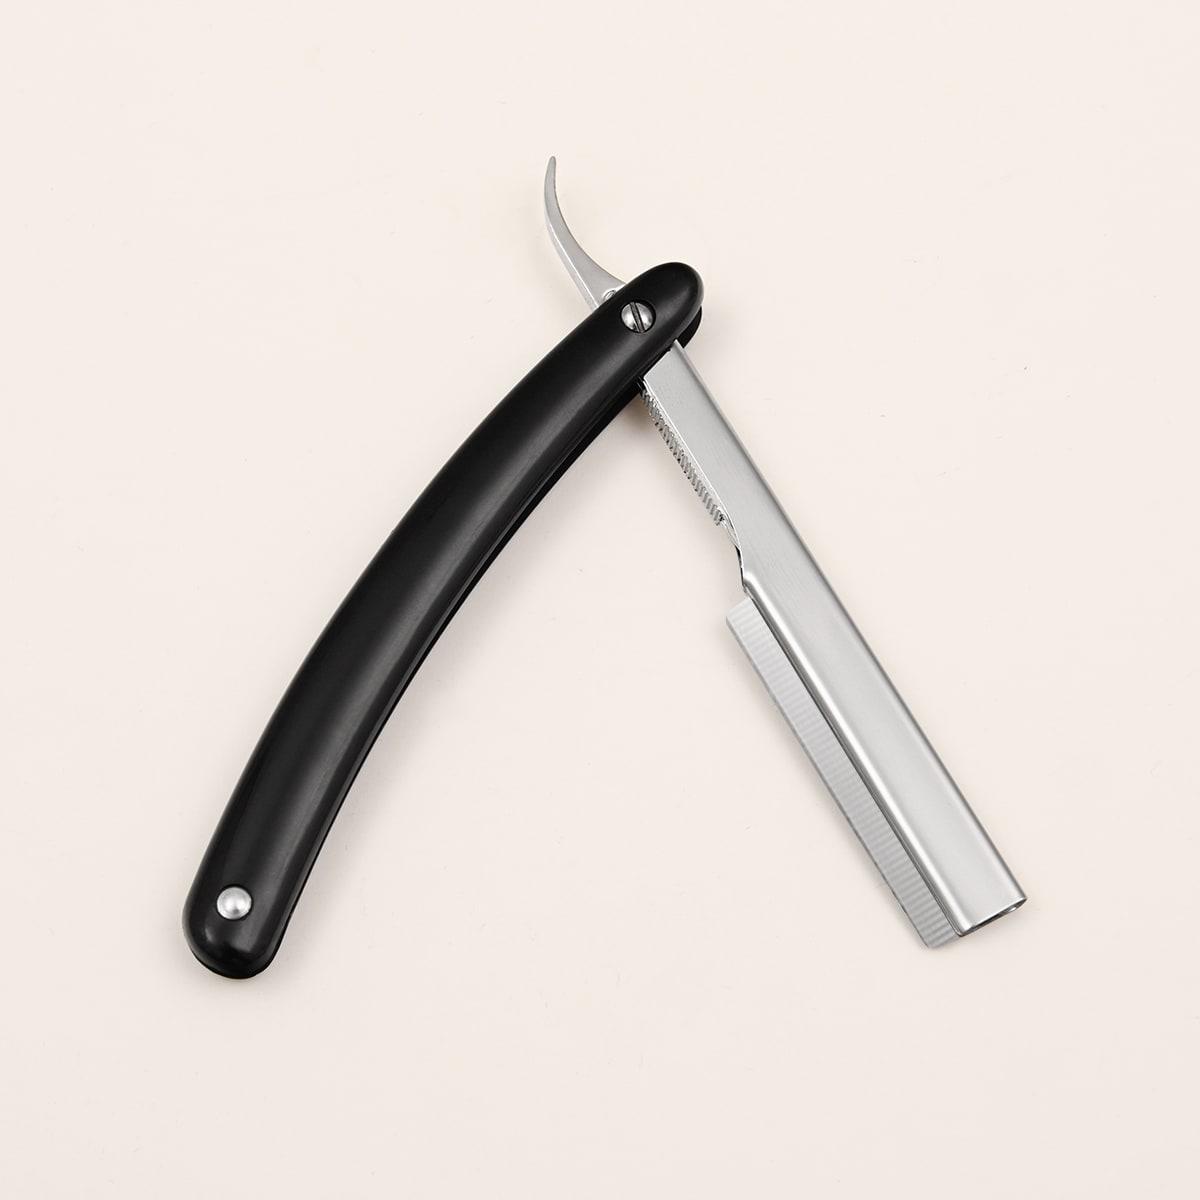 1 Stück Männer Edelstahl Rasiermesser & 9 Stücke Klinge